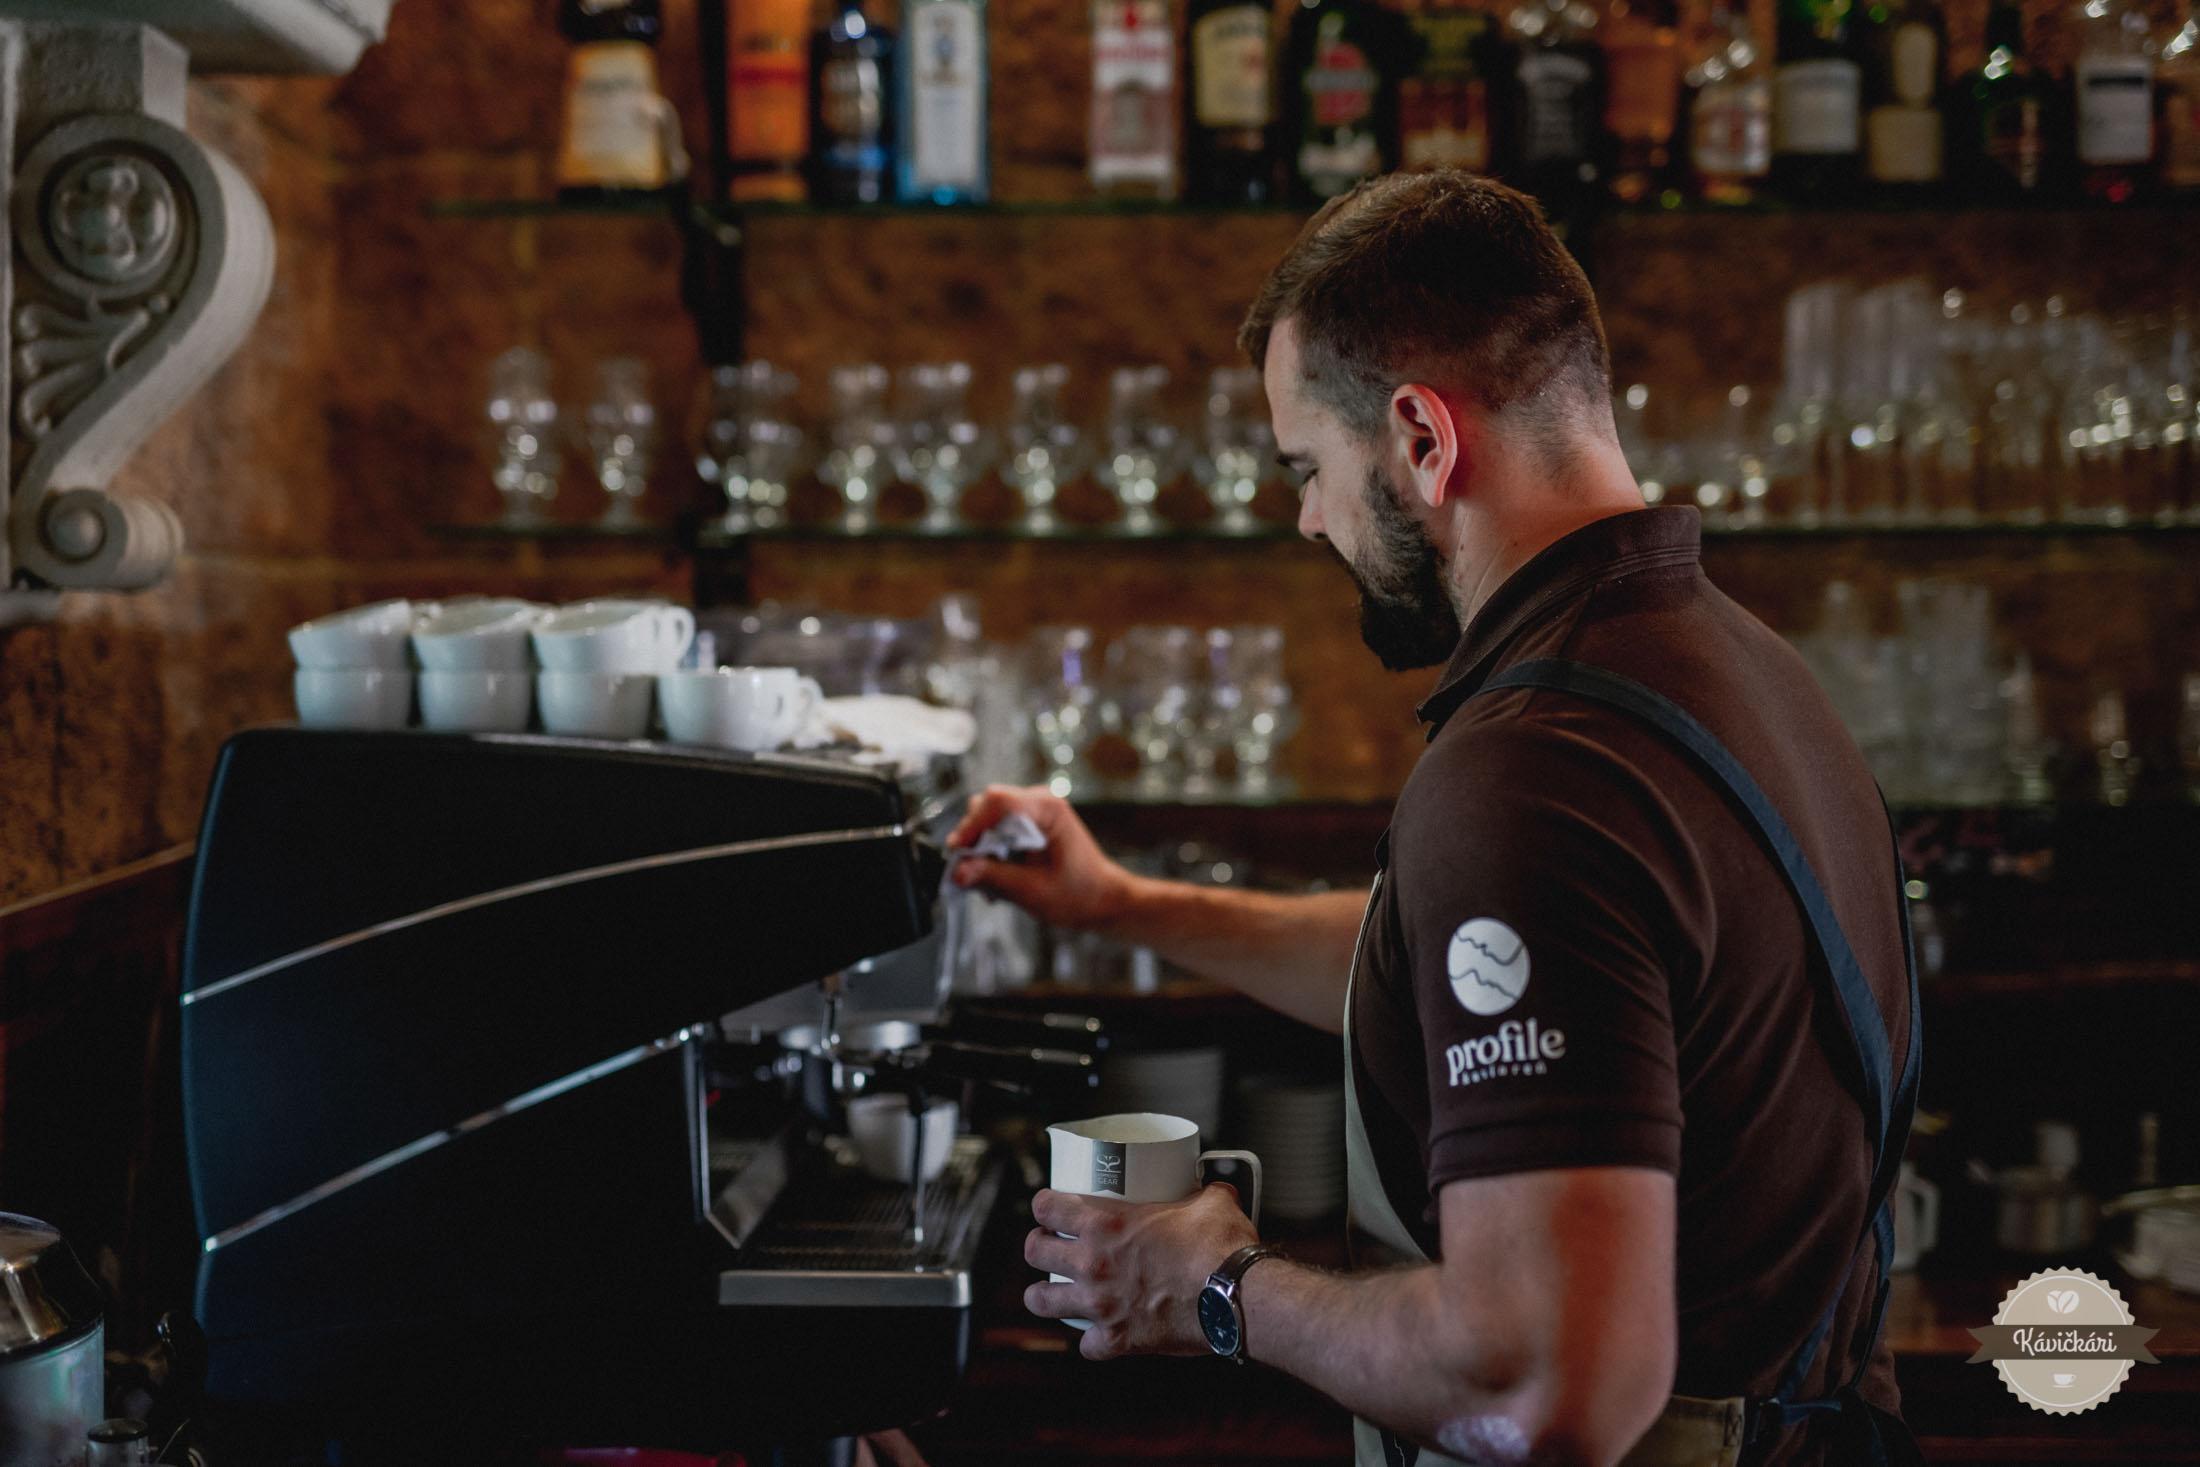 profile-kaviaren-krupina-41